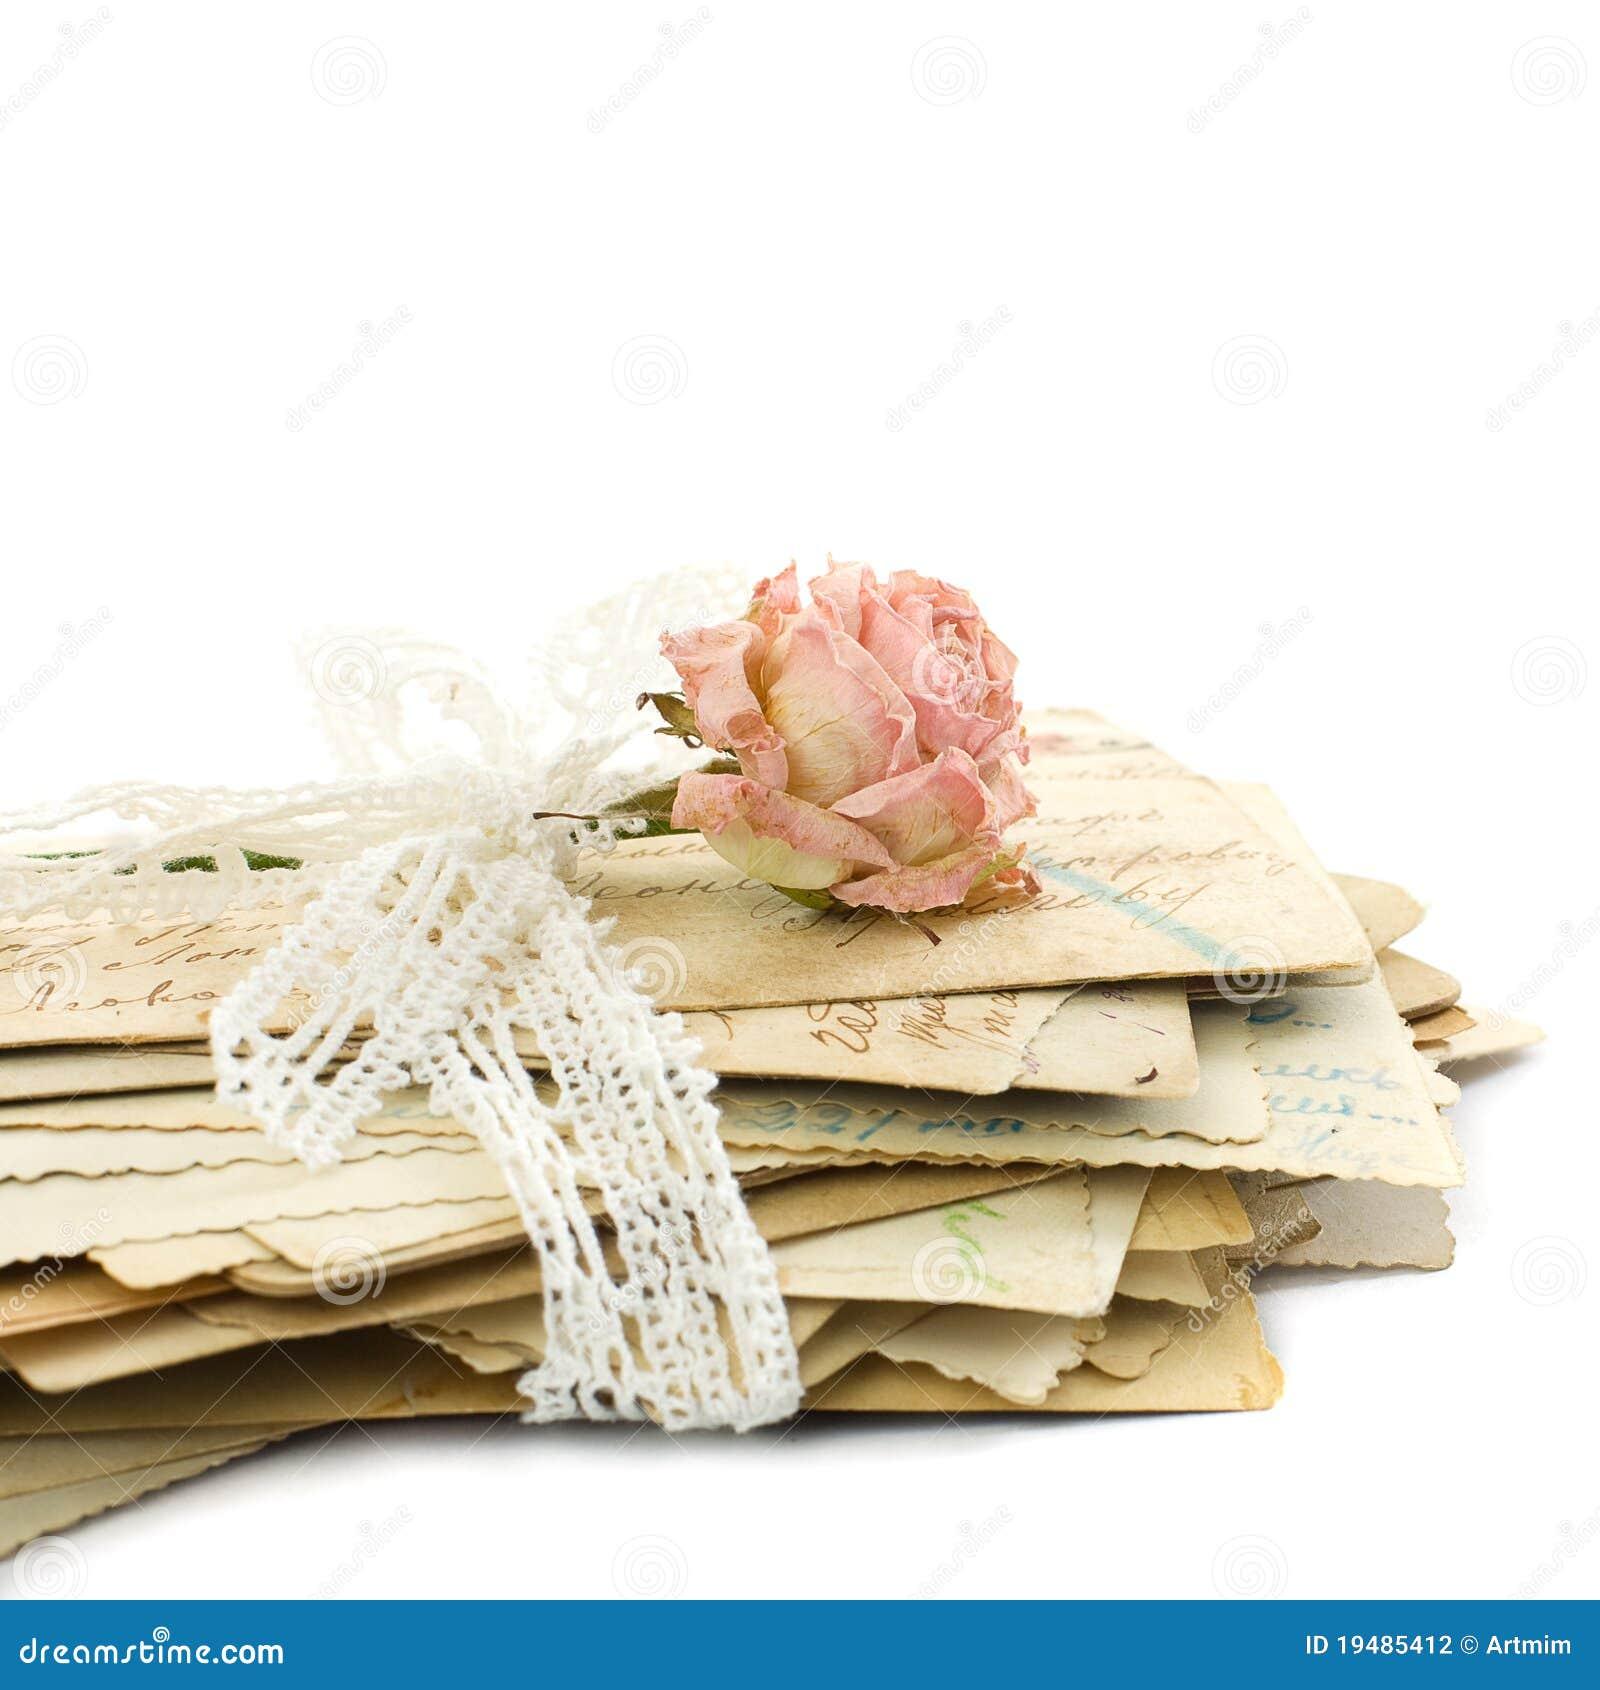 Ecrire a la plume.. Pile-de-vieilles-lettres-d-amour-de-lacet-et-de-fleur-rose-19485412